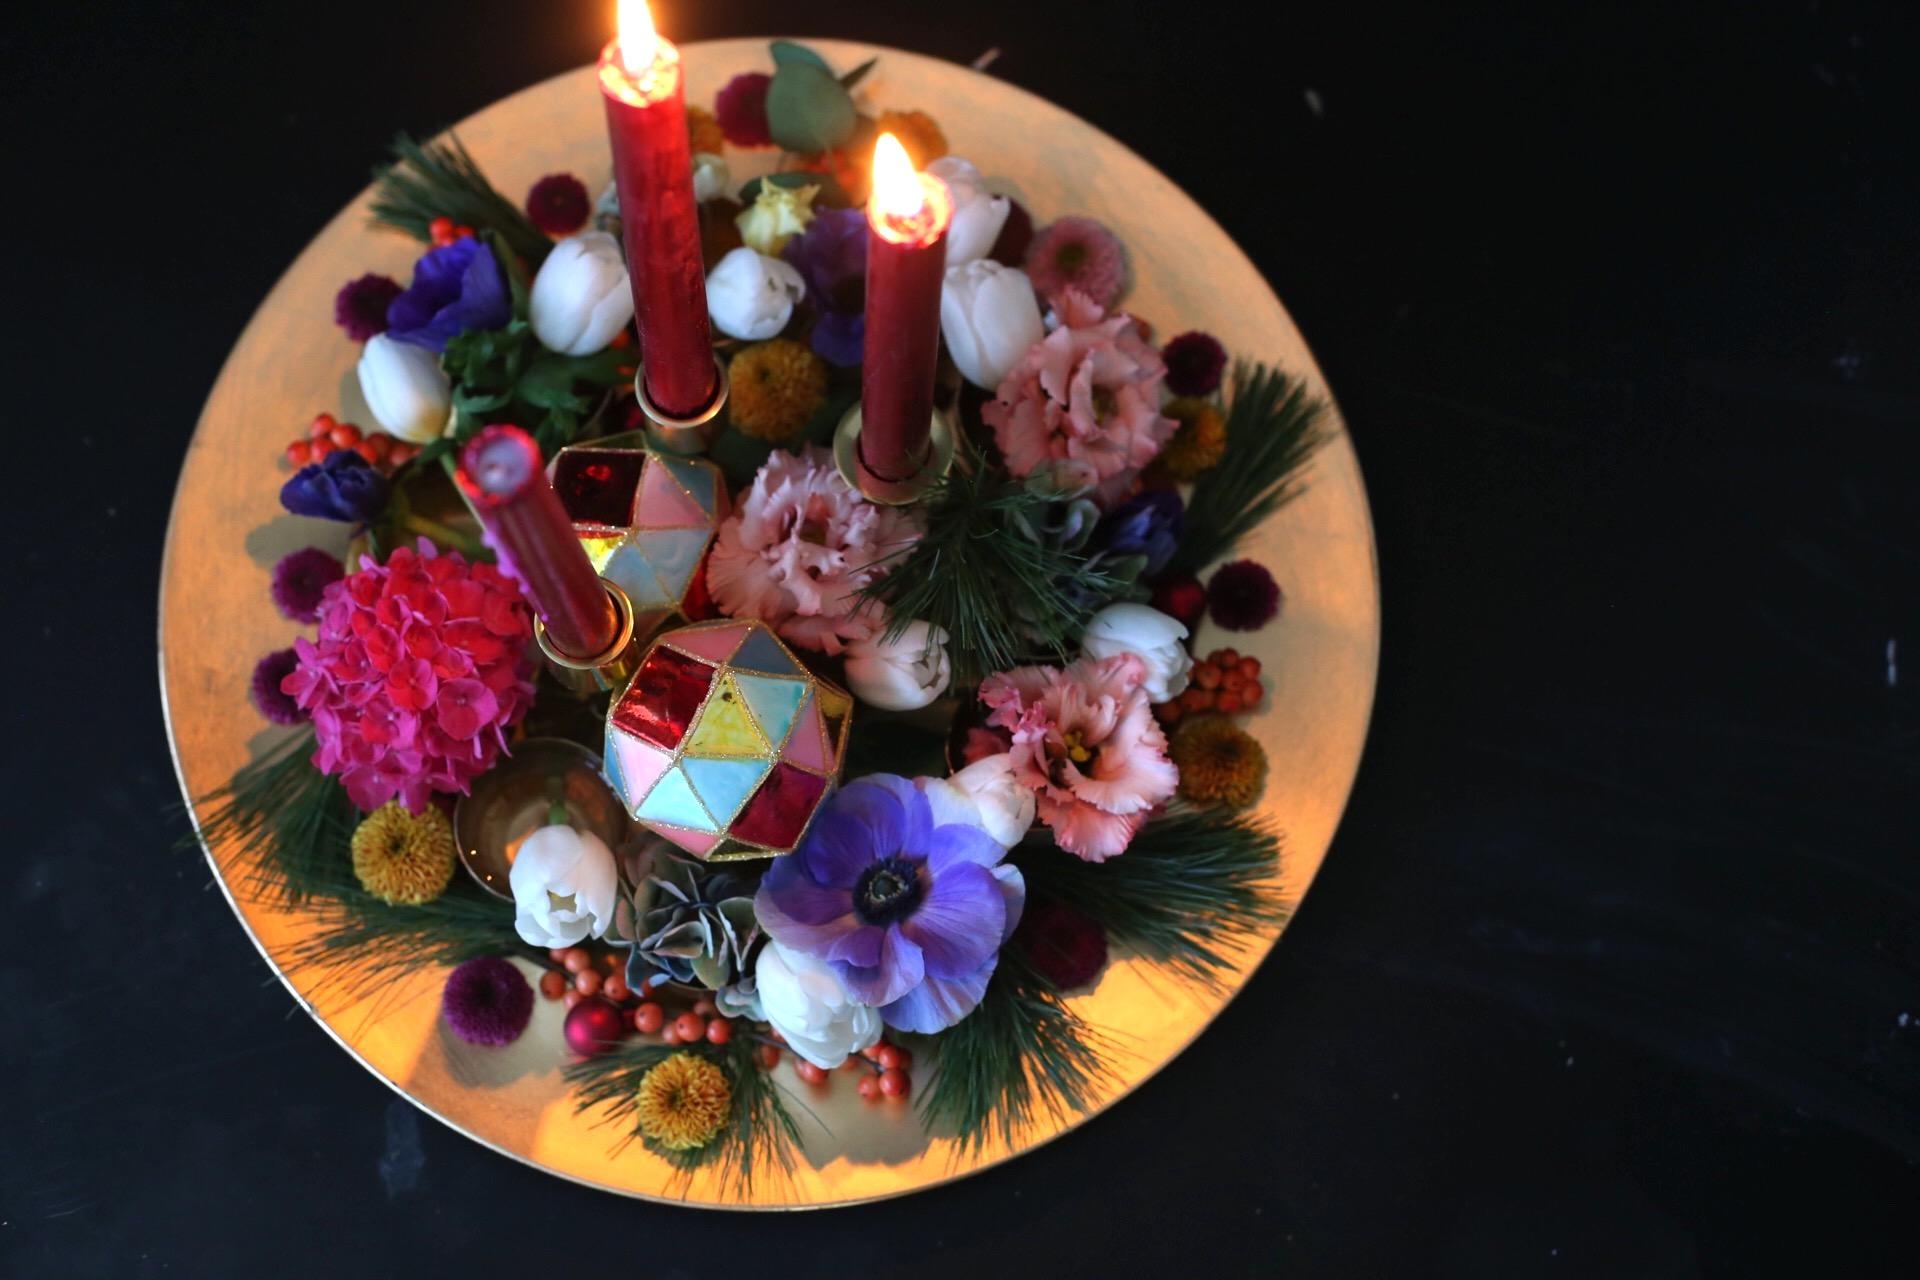 Värikäs jouluasetelma on koottu matalalle kullanväriselle lautaselle. Leikkokukkien joukossa on kolme kynttilää.